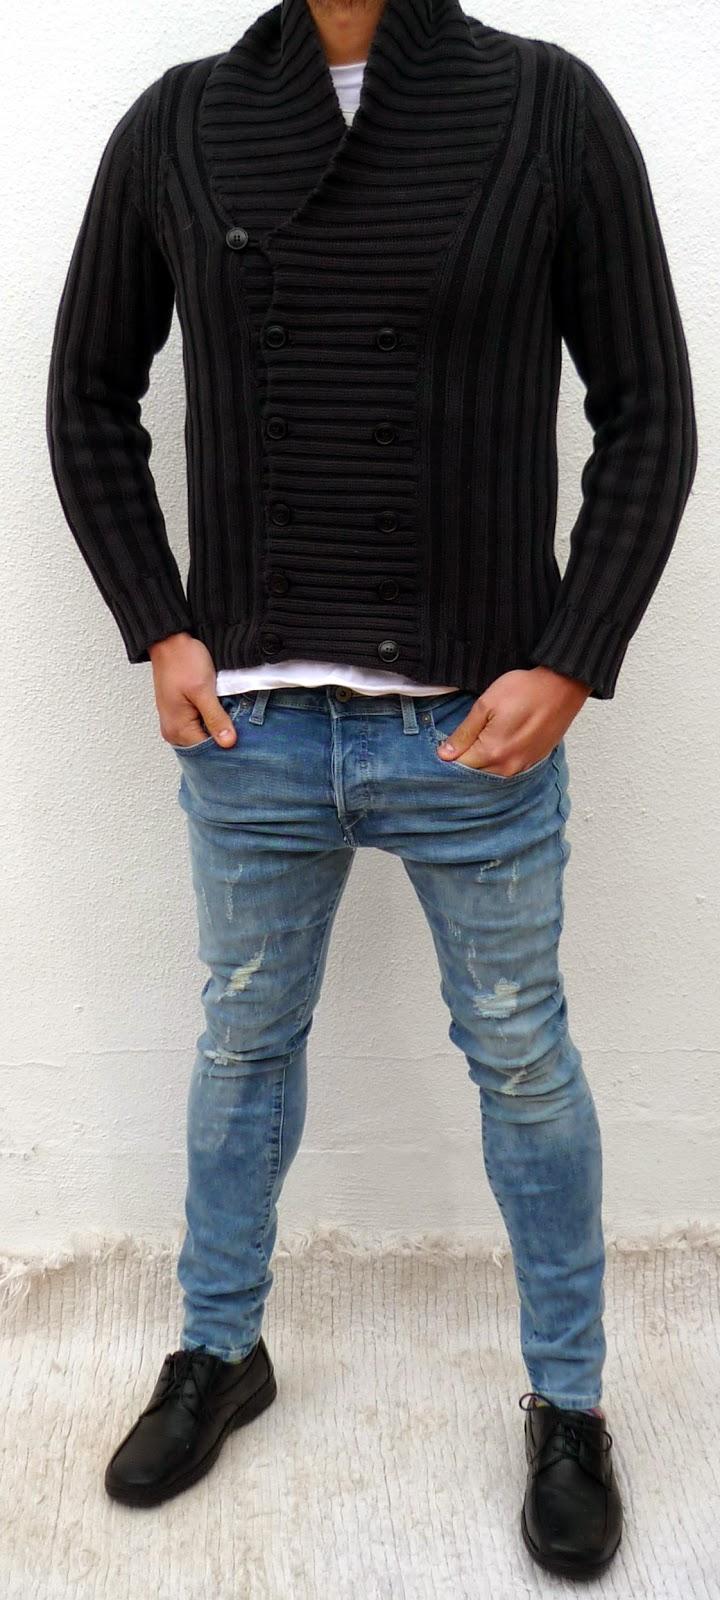 pantalon pitillo hombre